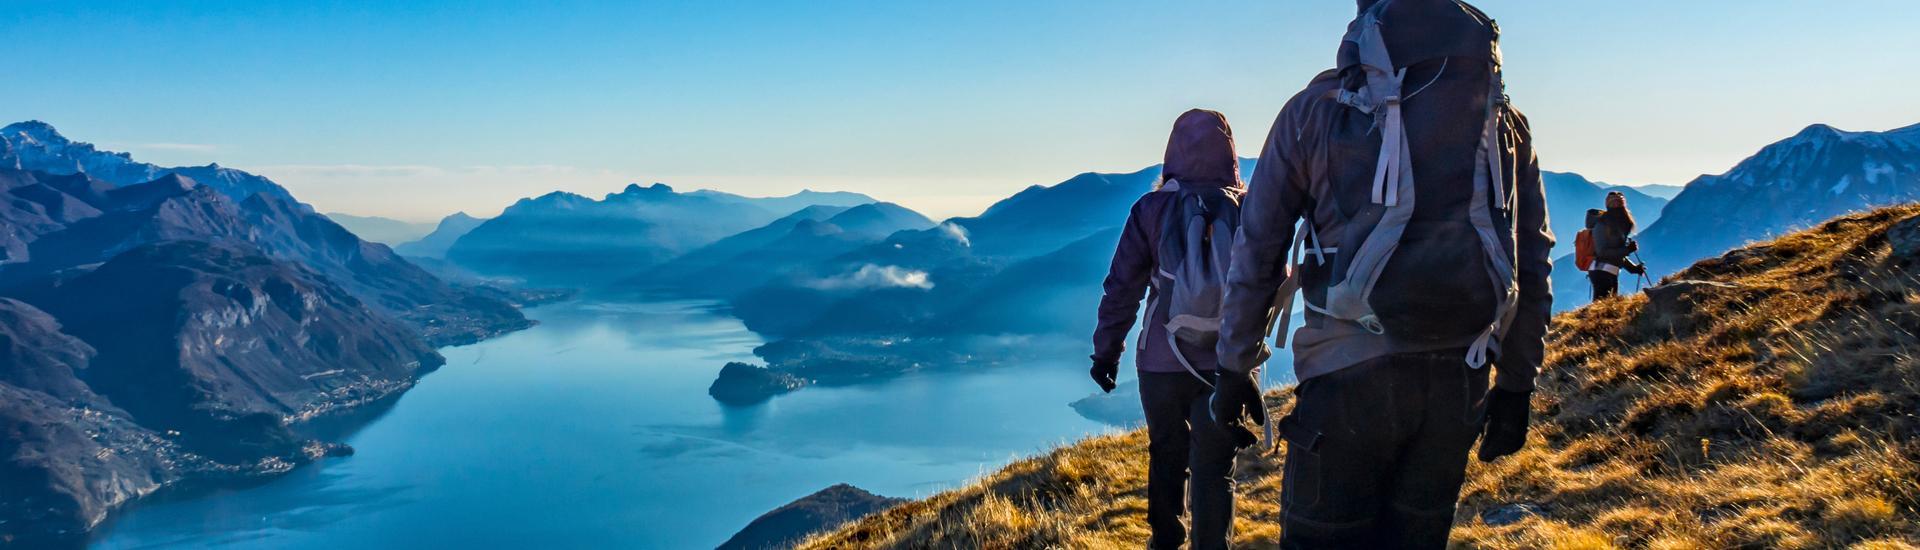 Alpejskie jeziora